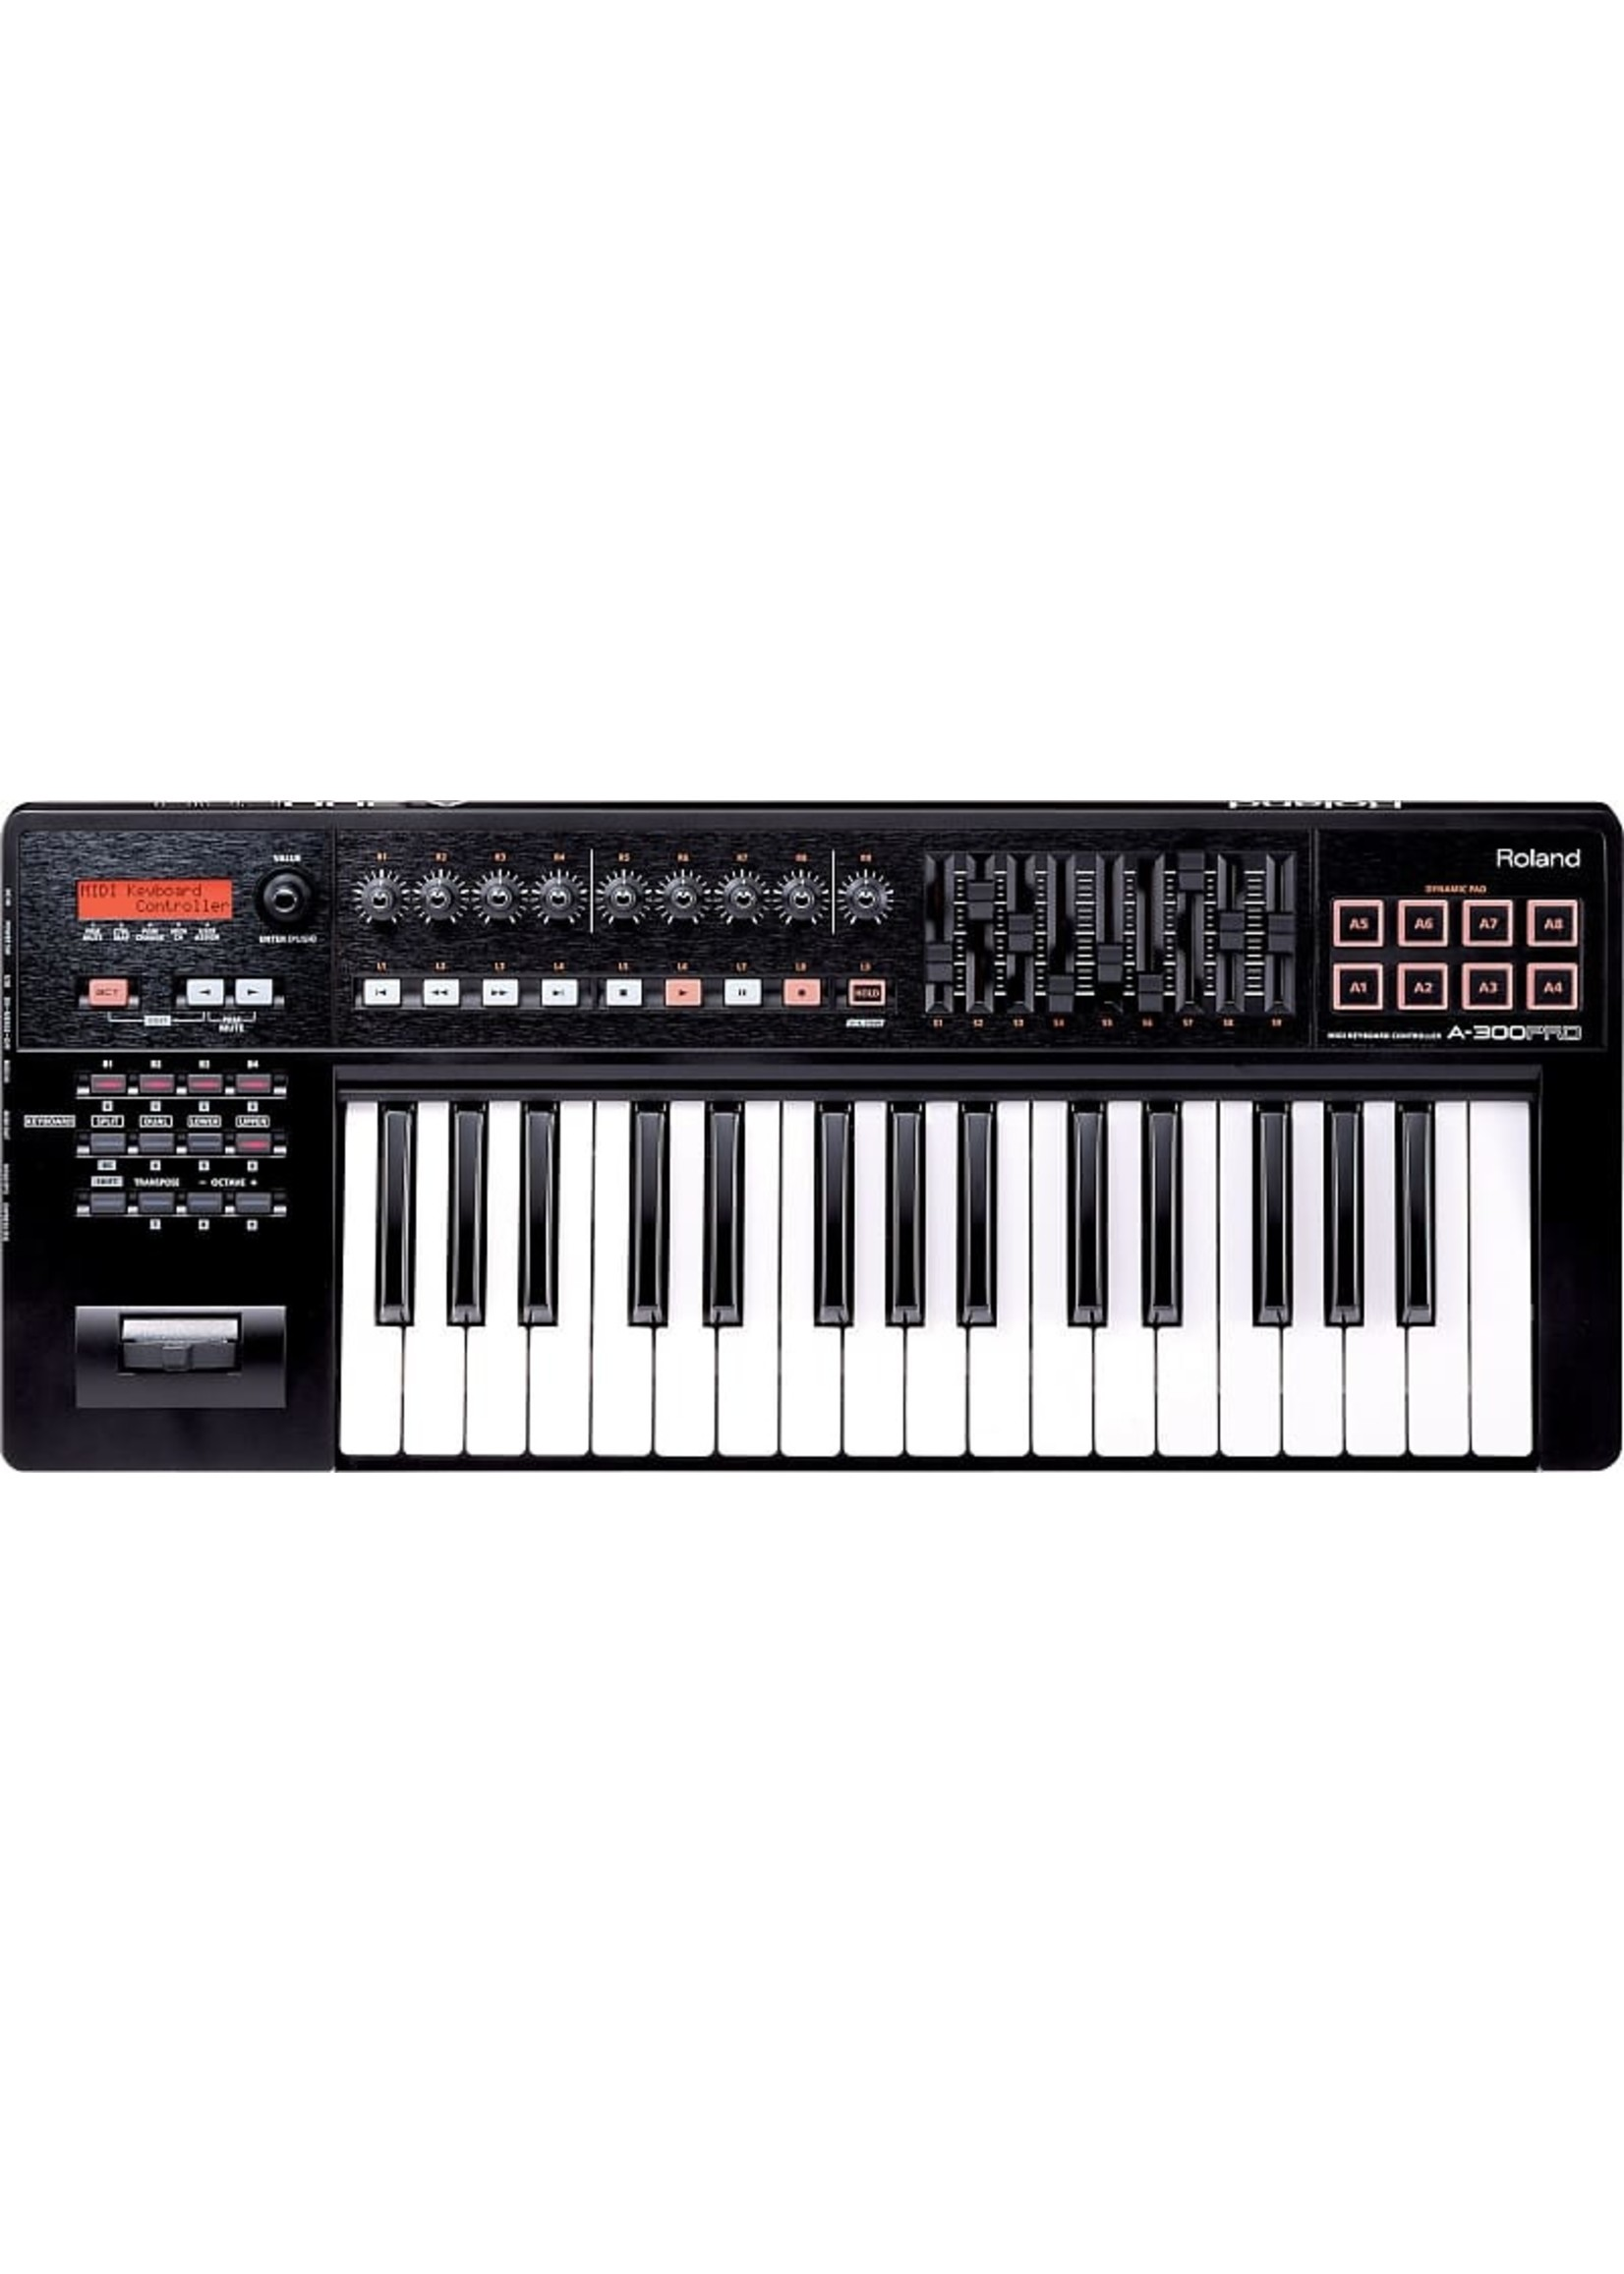 Roland Roland A-300PRO 32 key MIDI Keyboard Controller